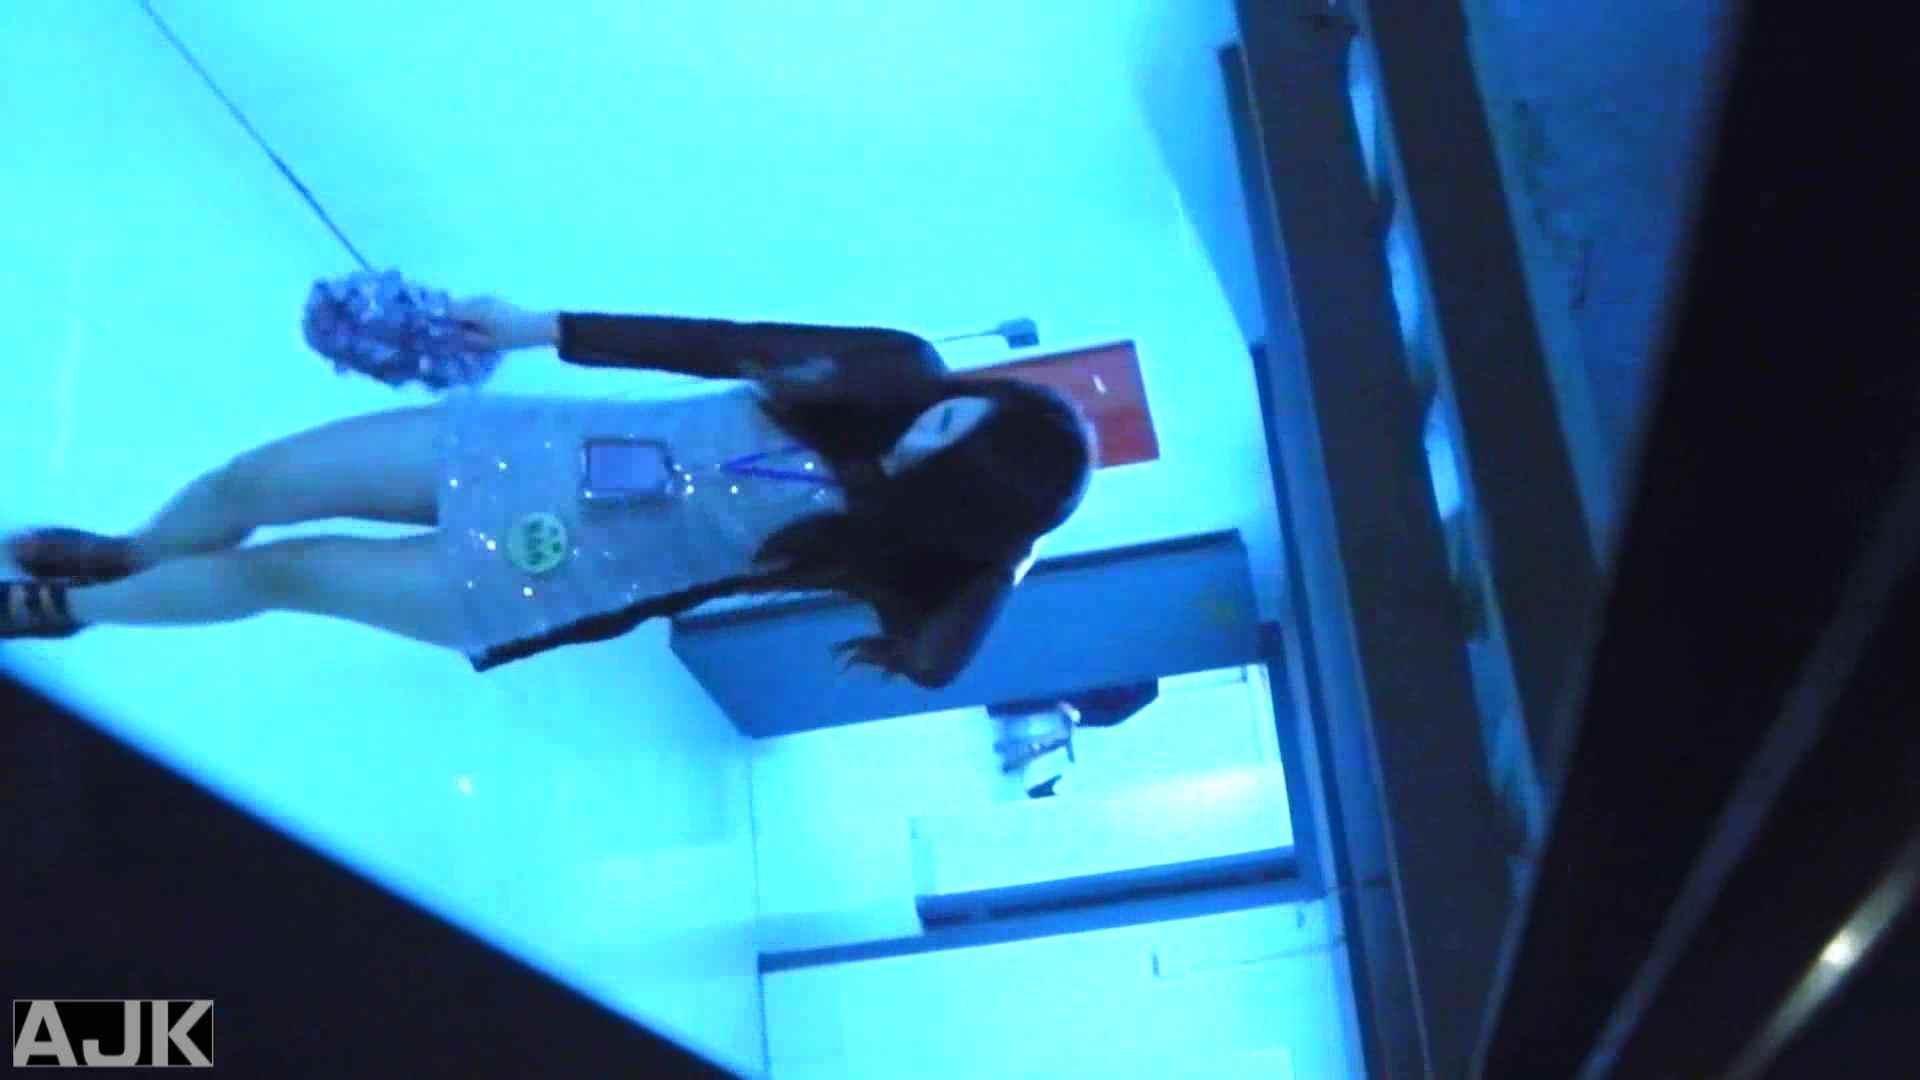 神降臨!史上最強の潜入かわや! vol.12 潜入 ワレメ無修正動画無料 84連発 43